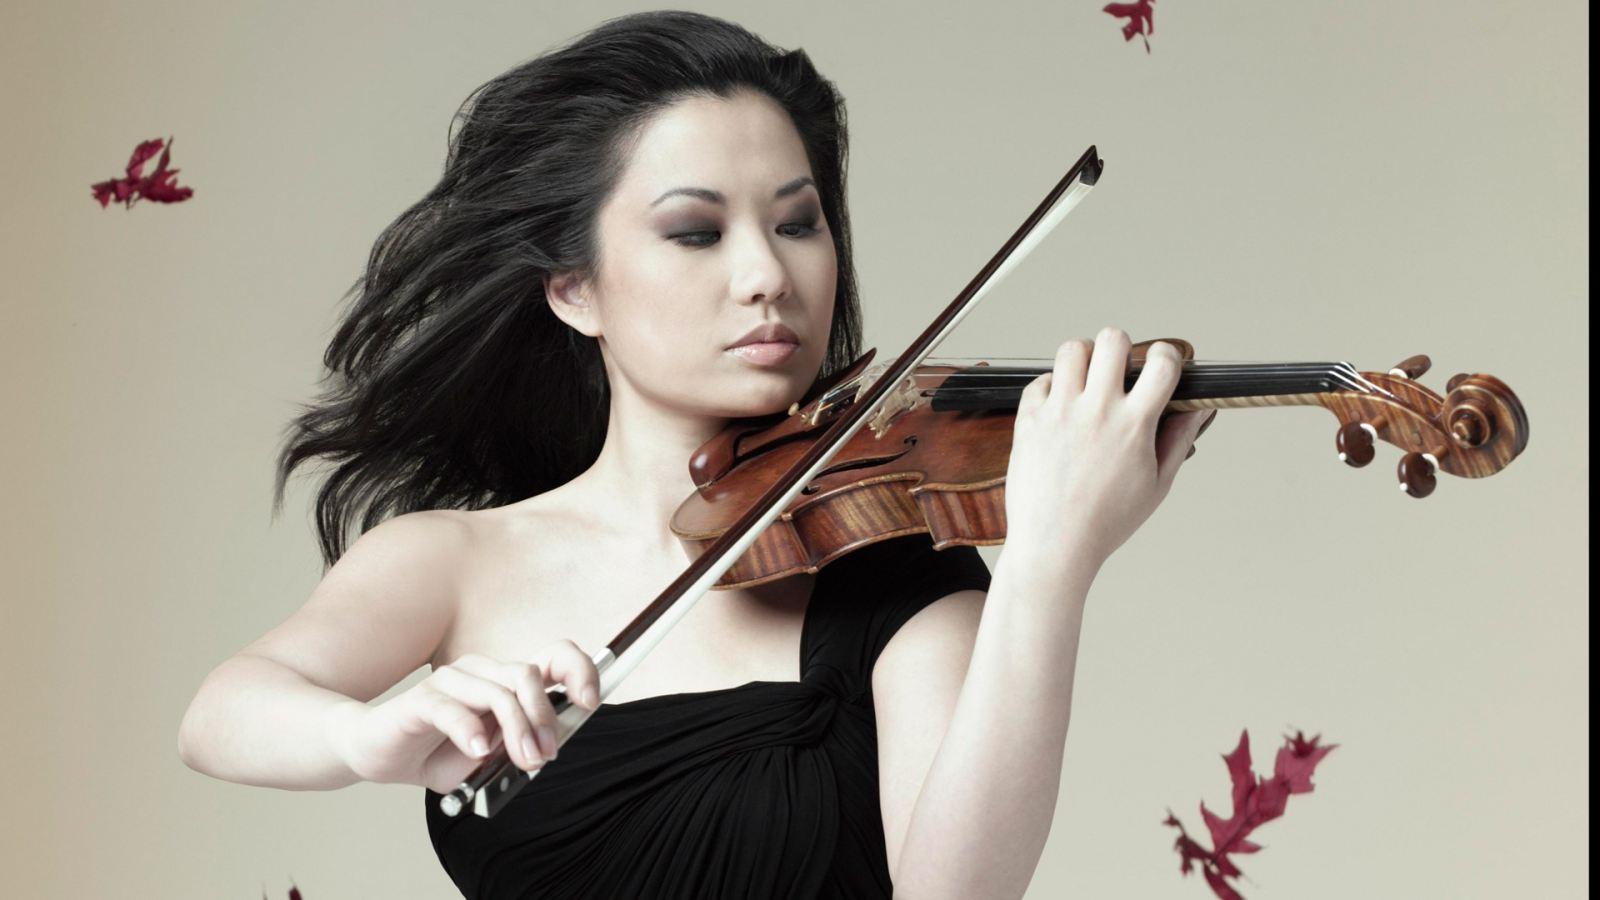 nghe si bieu dien dan violin chuyen nghiep